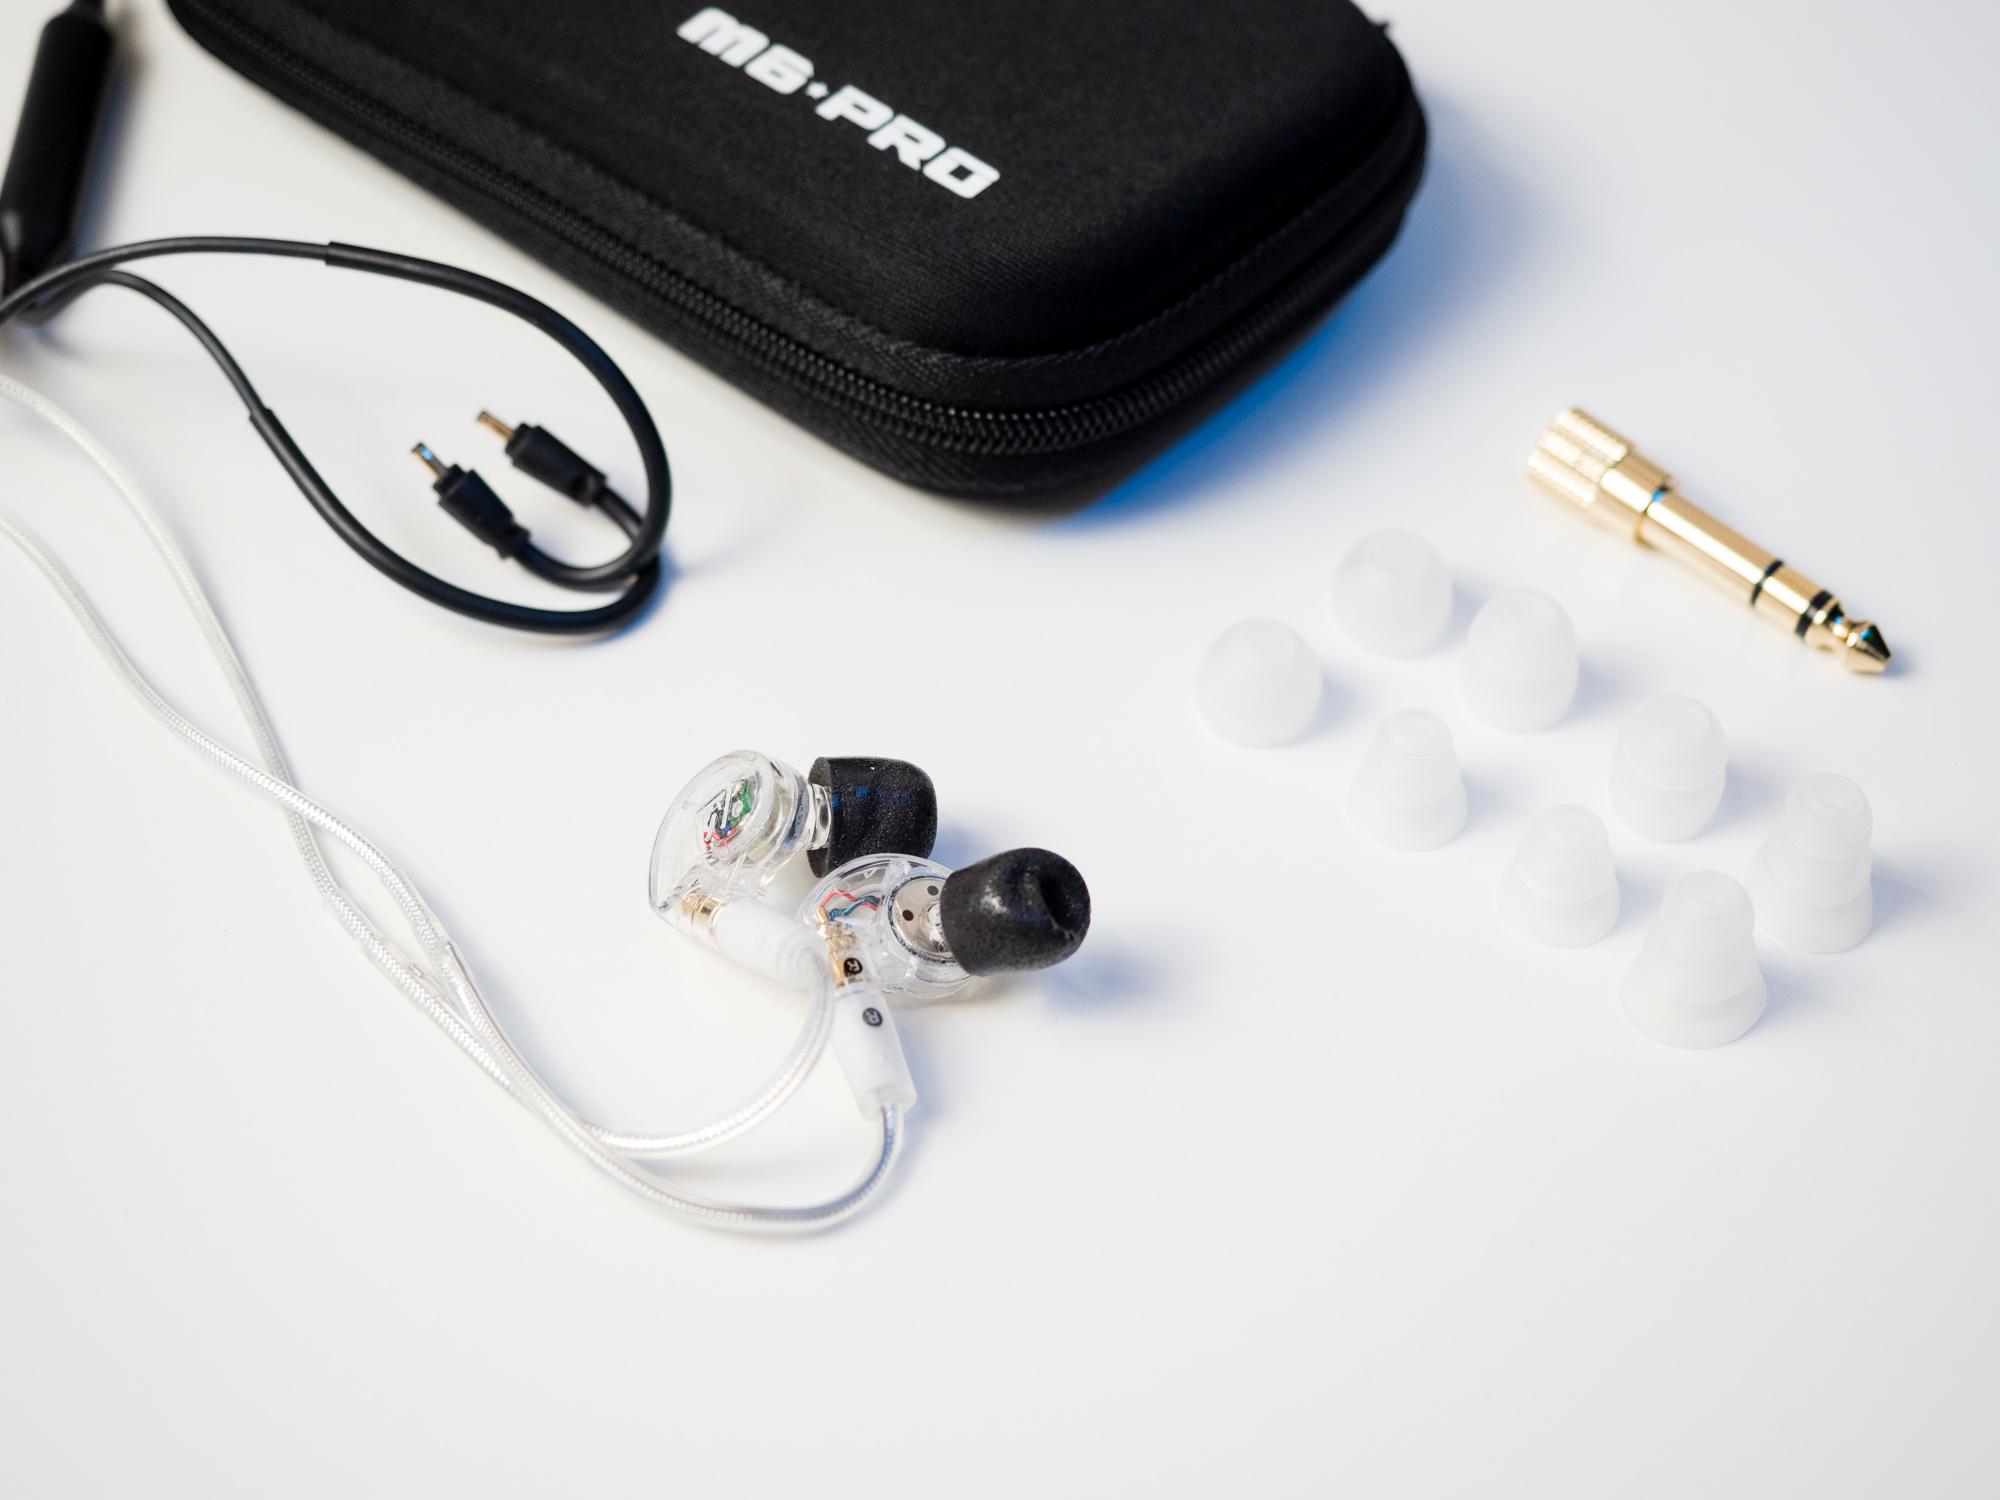 Mee Audio M6 Pro gen. 2 - opinie